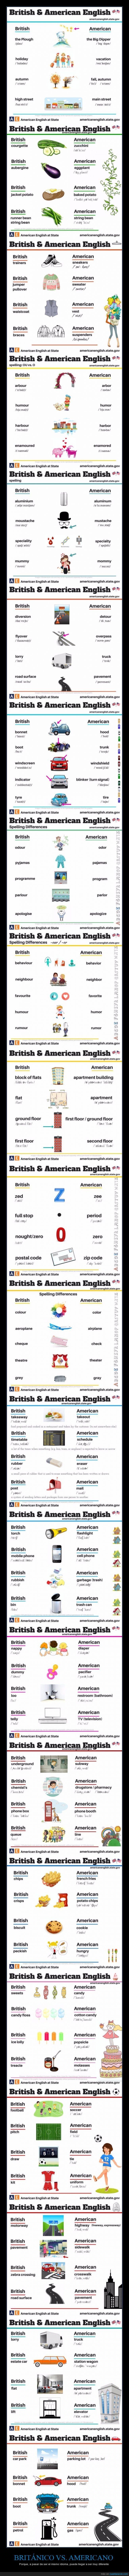 BRITÁNICO VS. AMERICANO - Porque, a pesar de ser el mismo idioma, puede llegar a ser muy diferente